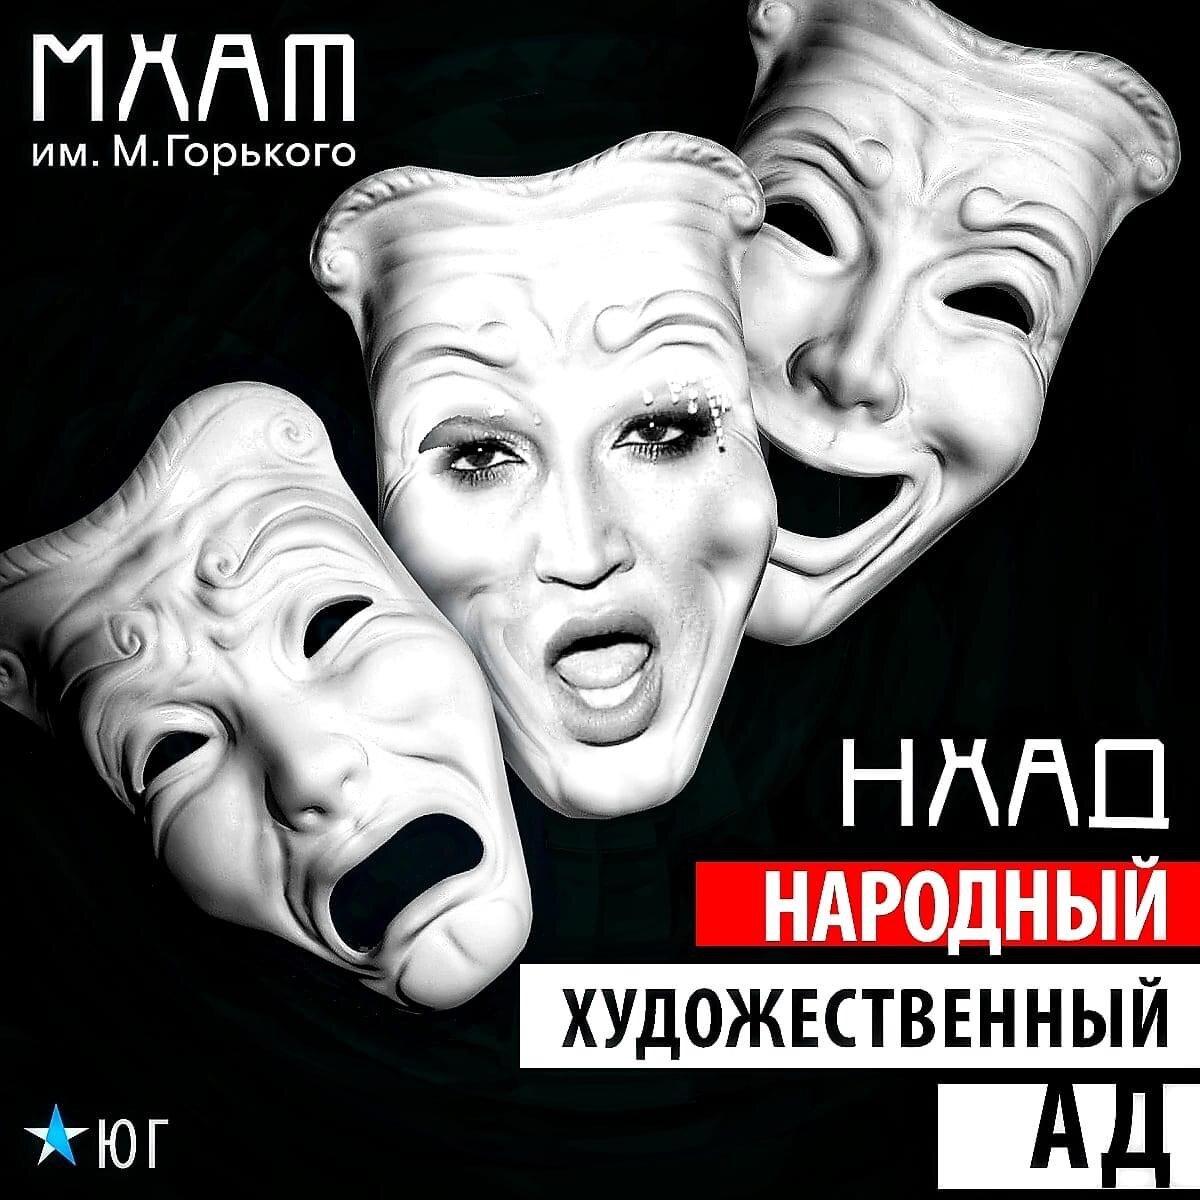 Юрий Грымов про Ольгу Бузову + МХАТ театр, будет, Пусть, именно, оседает, время, ктото, появится, воплощение, которые, будут, нашей, вокруг, смысла, этого, сказать, поводу, пустоту, декорация, глазамиНу